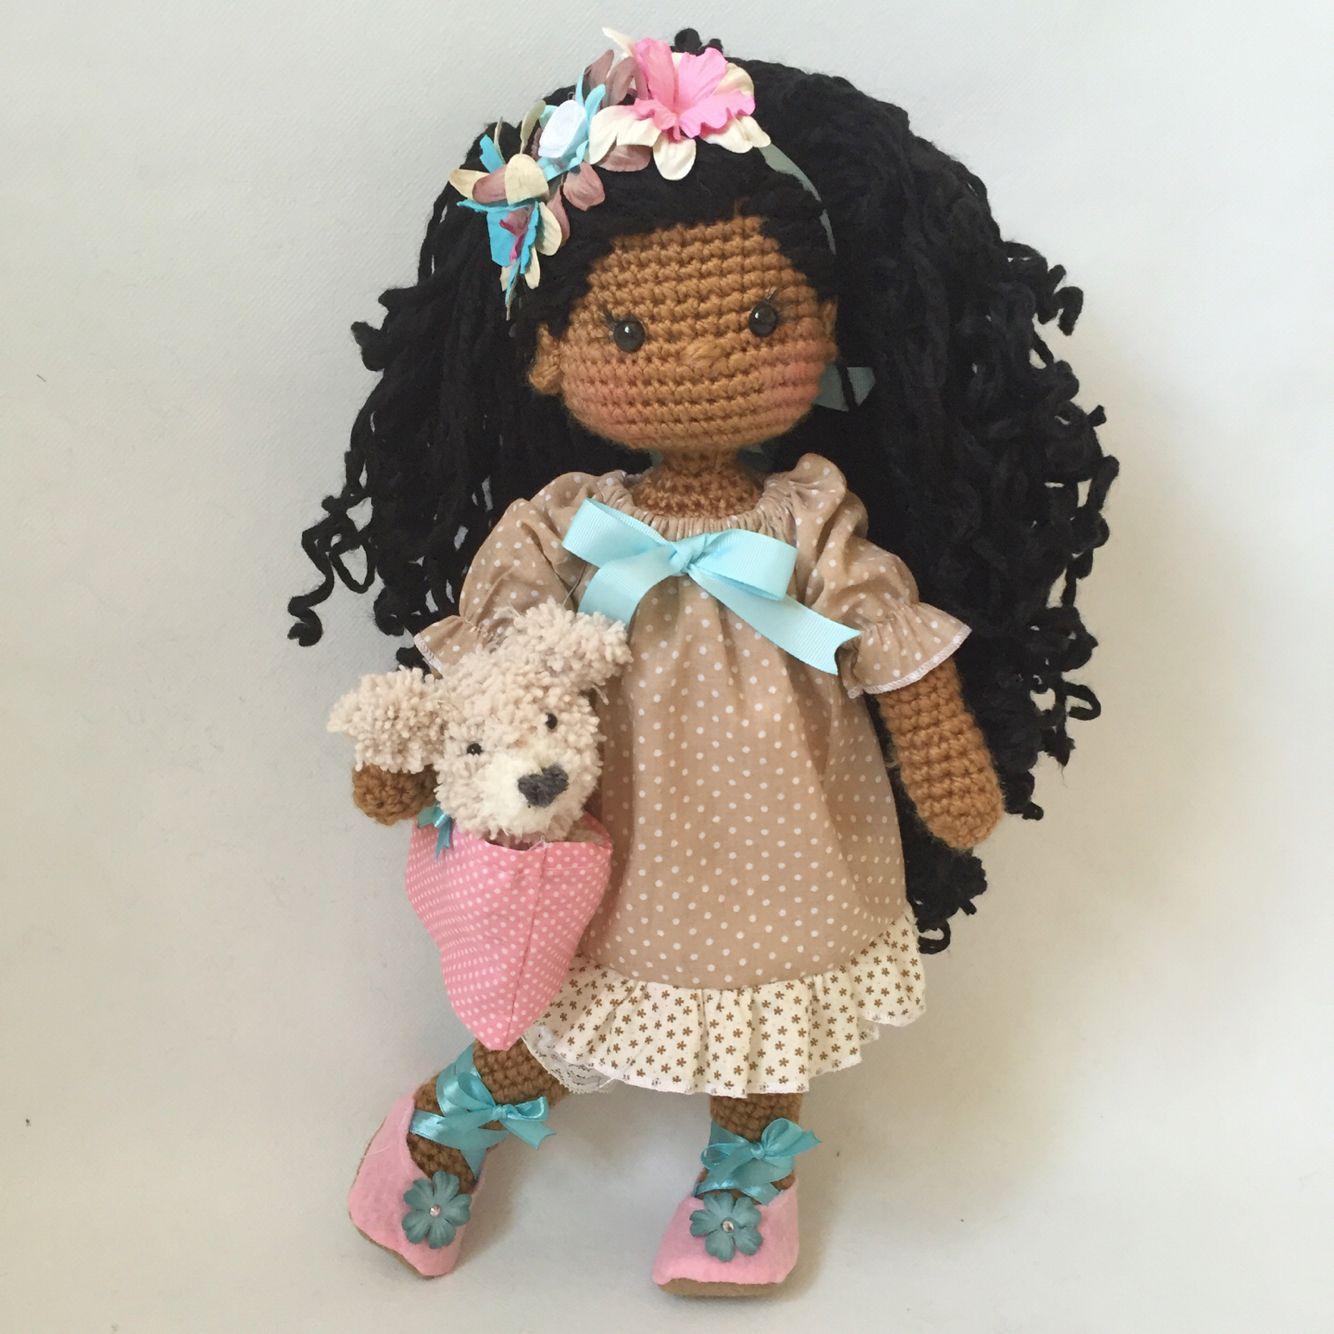 Tiny Amigurumi Doll : Crochet doll amigurumi bunny with tiny teddy bear